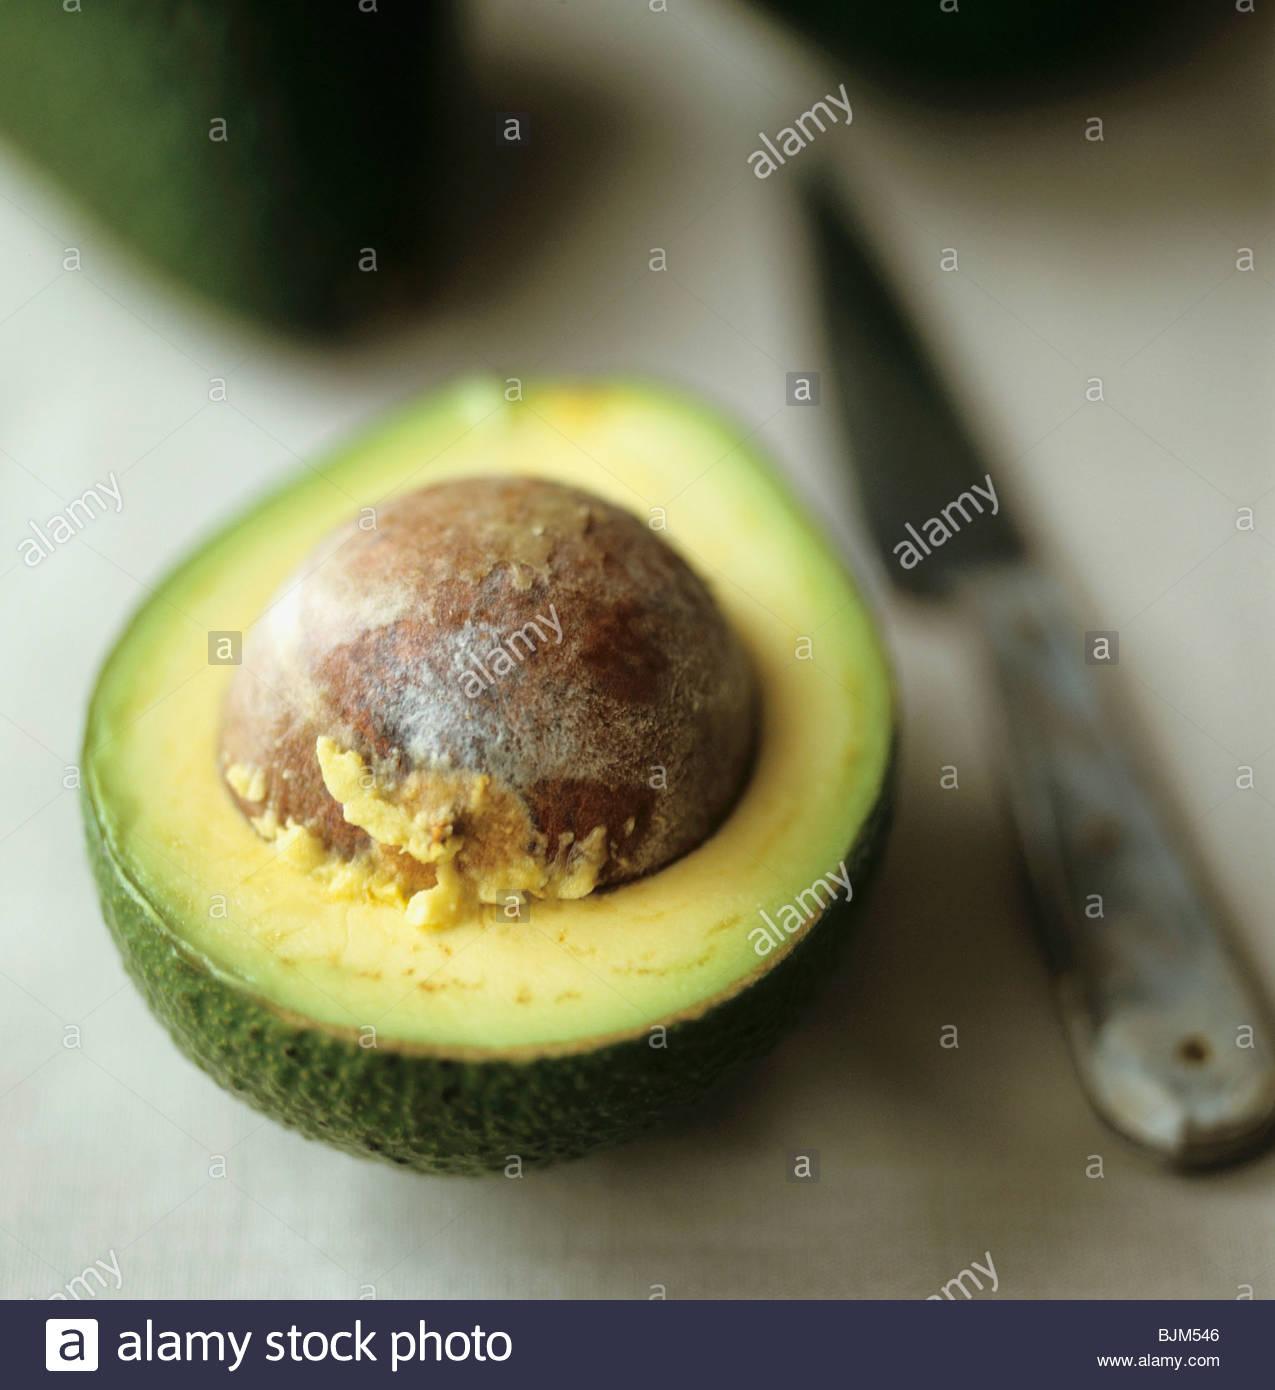 Eine halbe Avocado mit Stein Stockbild